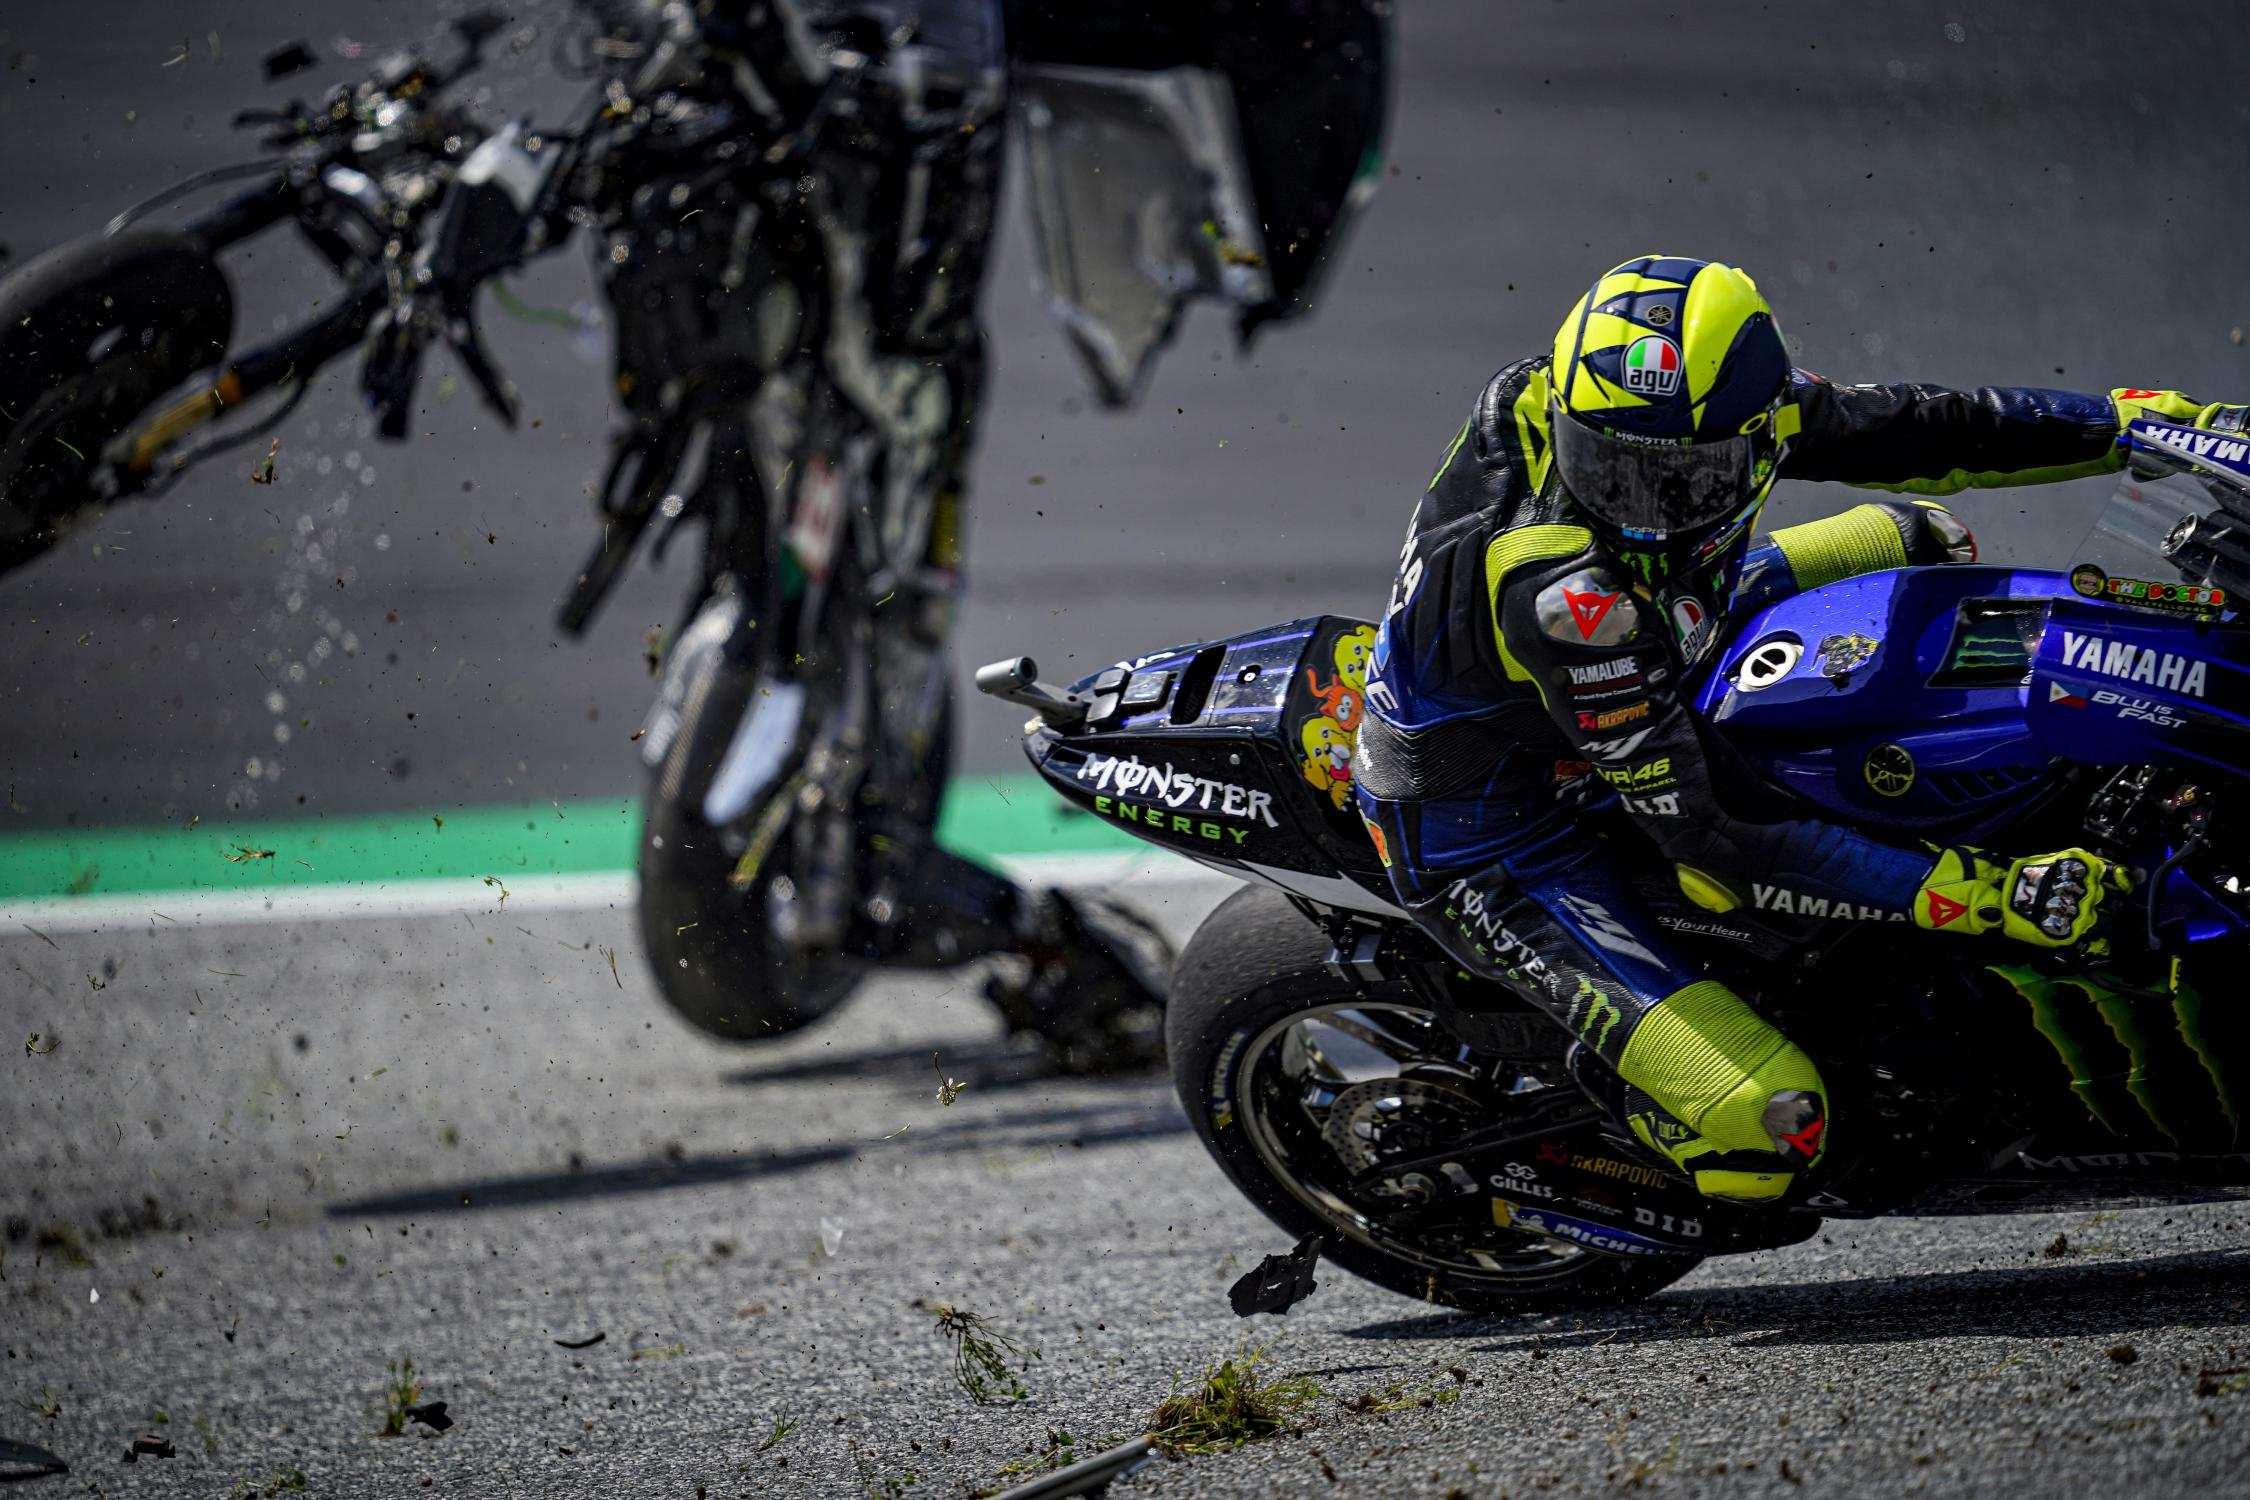 Valentino Rossi. A moto de Morbidelli passa na sua frente, no GP da Áustria.